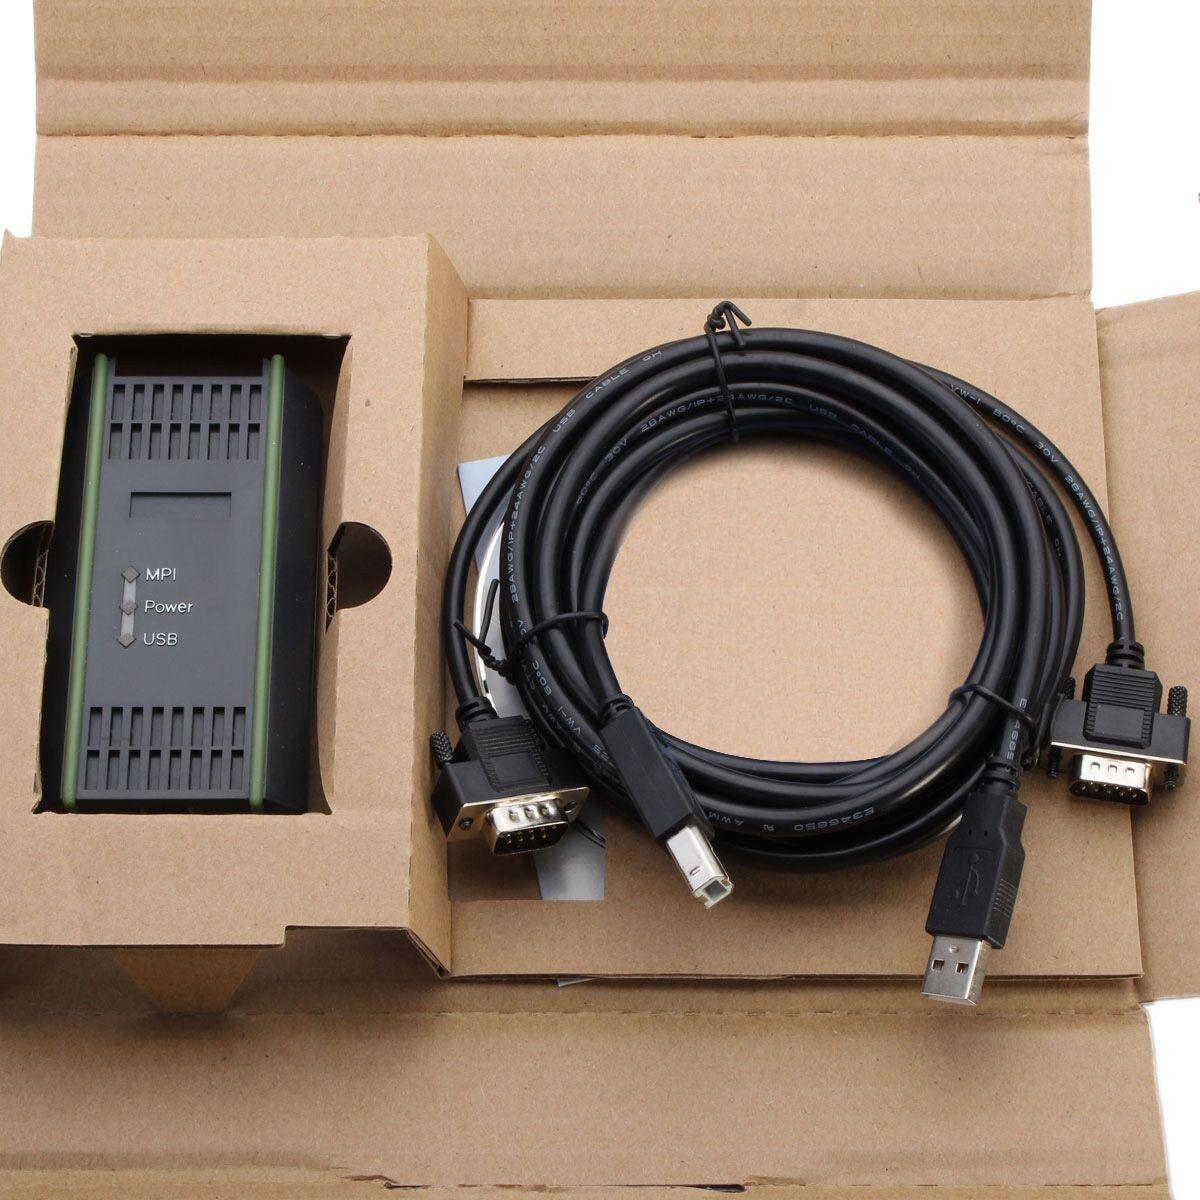 Adaptador de Cable USB compatible con Siemens S7-200/300/400 PLC PI comunicaciones 9 pines reemplazo para Siemens 6ES7972-0CB20-0XA0